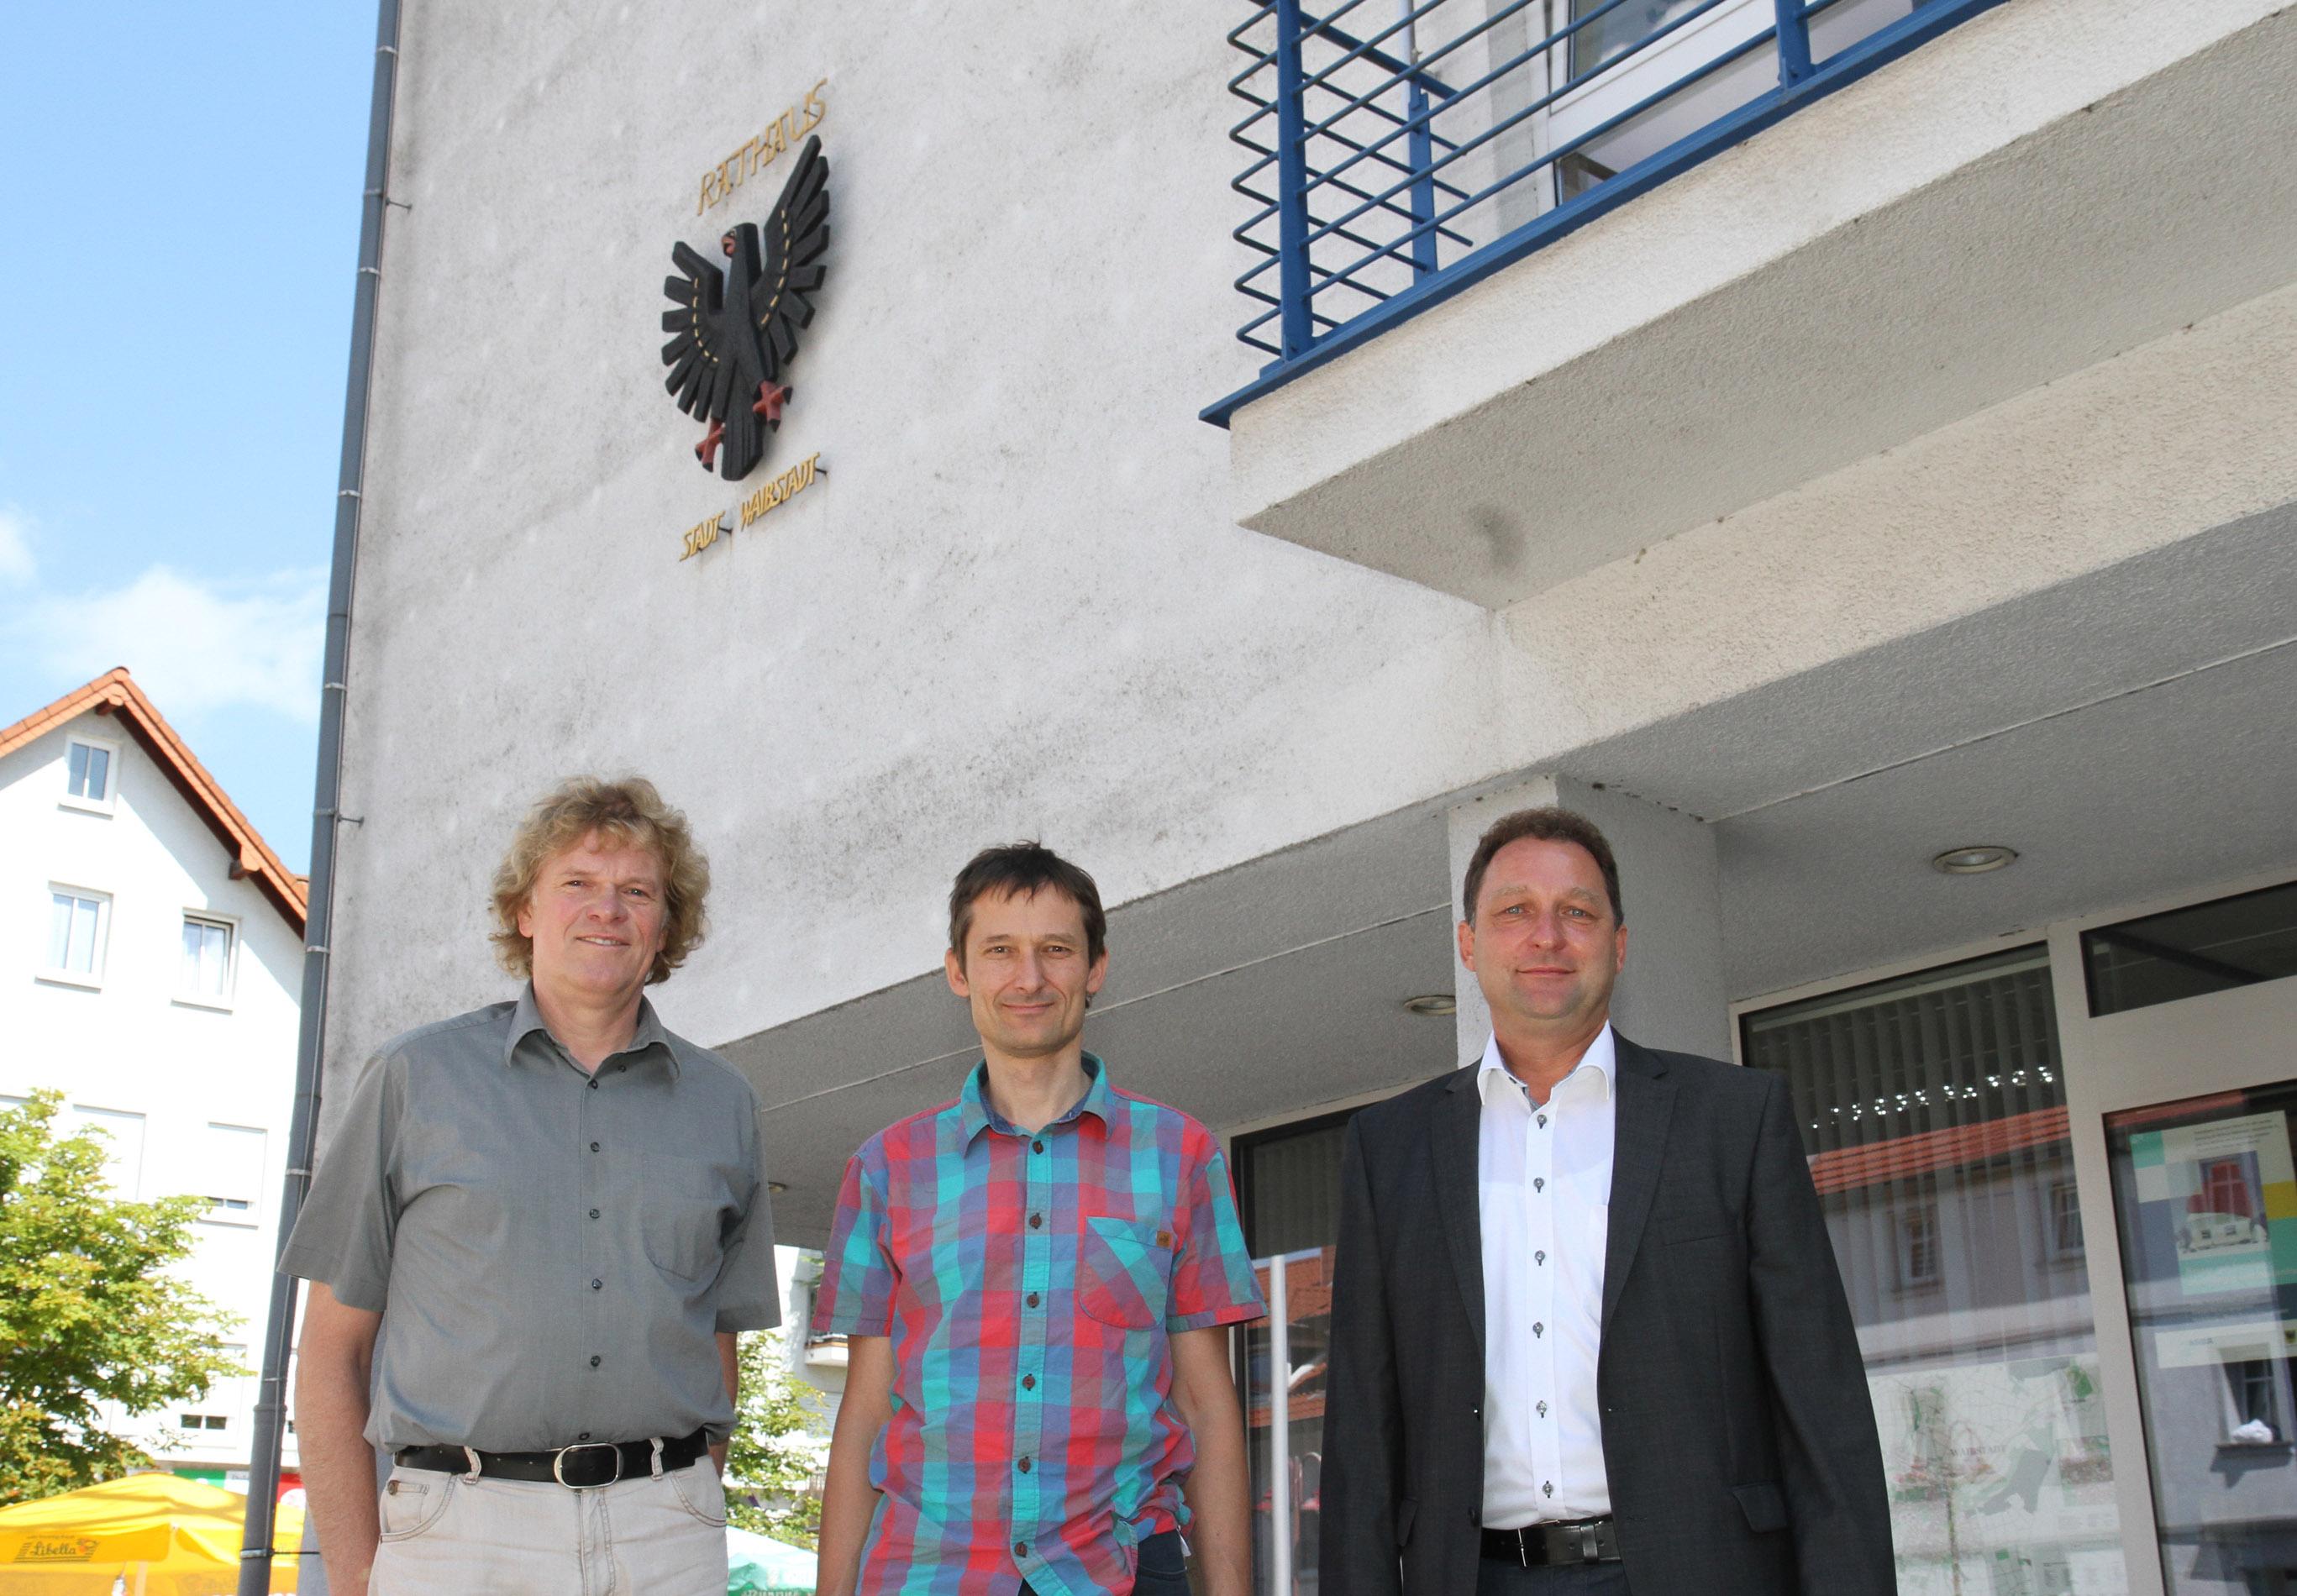 Waibstadt_Winfried Glasbrenner, Hermino Katzenstein und Joachim Locher